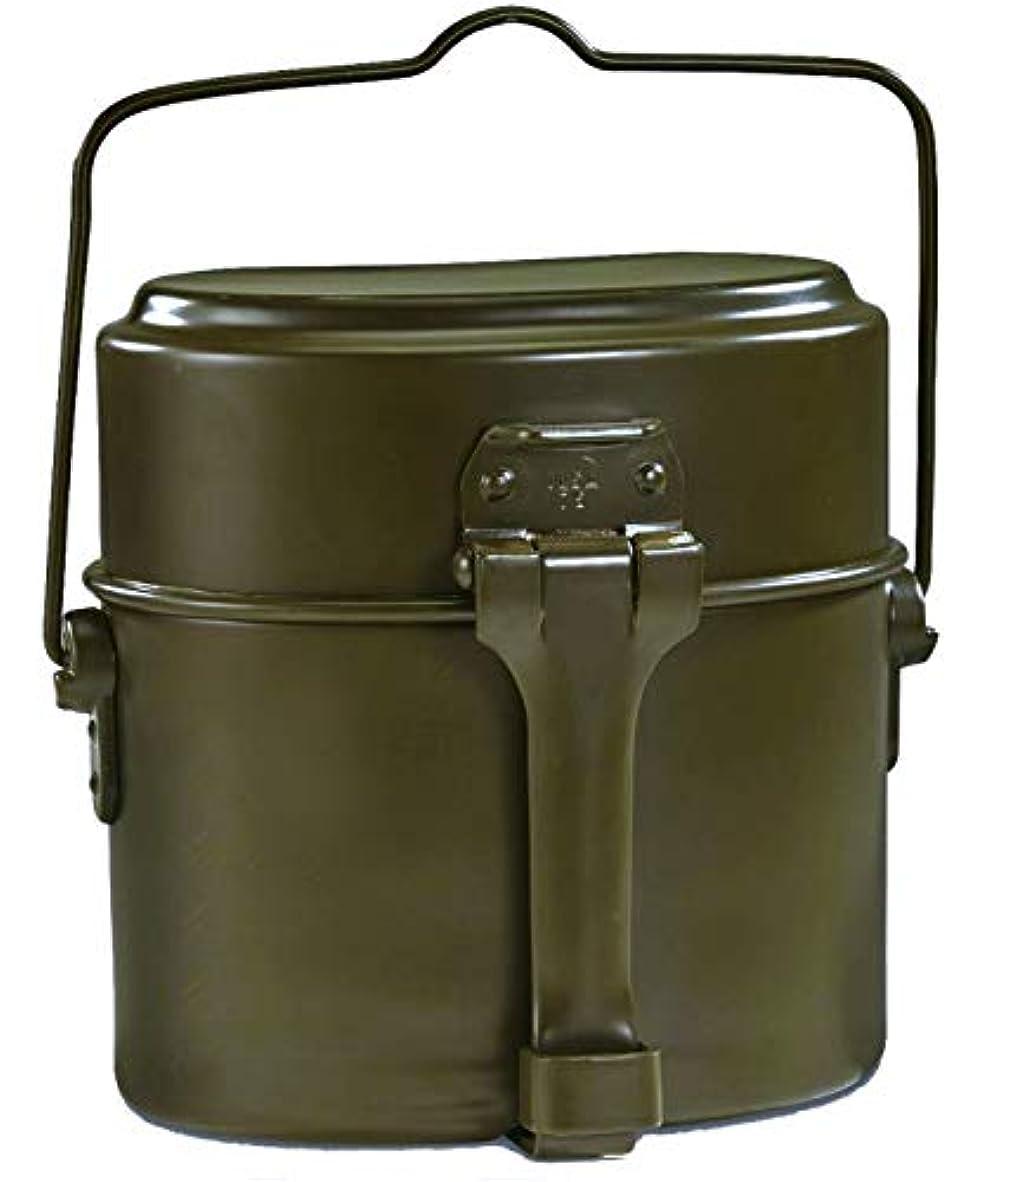 残酷な申し立ておもしろいイタリア軍 メスキット 飯盒 3ピース 軍払下 未使用品 刻印 ILSA 75